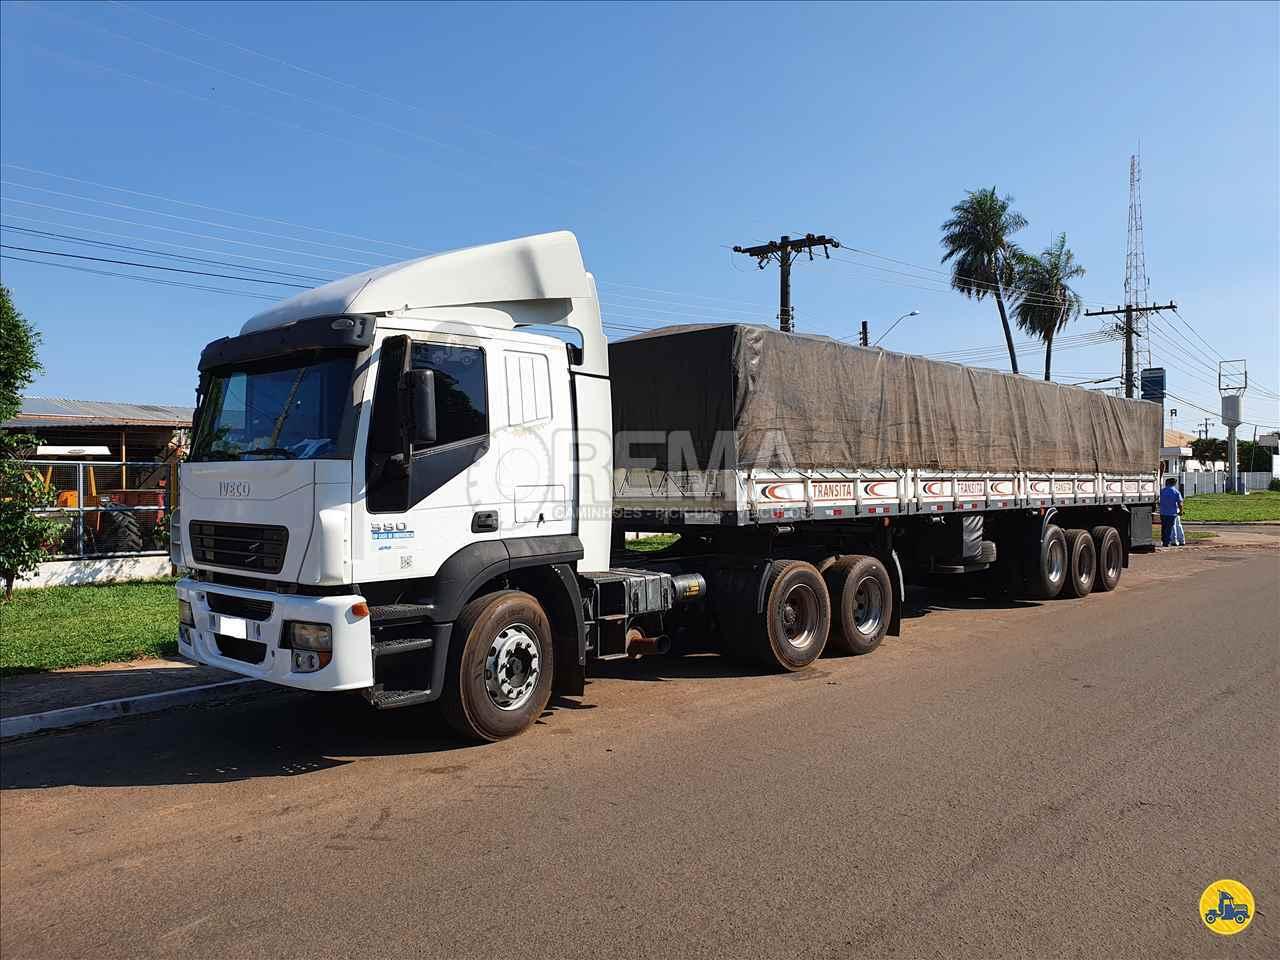 CAMINHAO IVECO STRALIS 380 Cavalo Mecânico Truck 6x2 Rema Caminhões - MS CAMPO GRANDE MATO GROSSO DO SUL MS